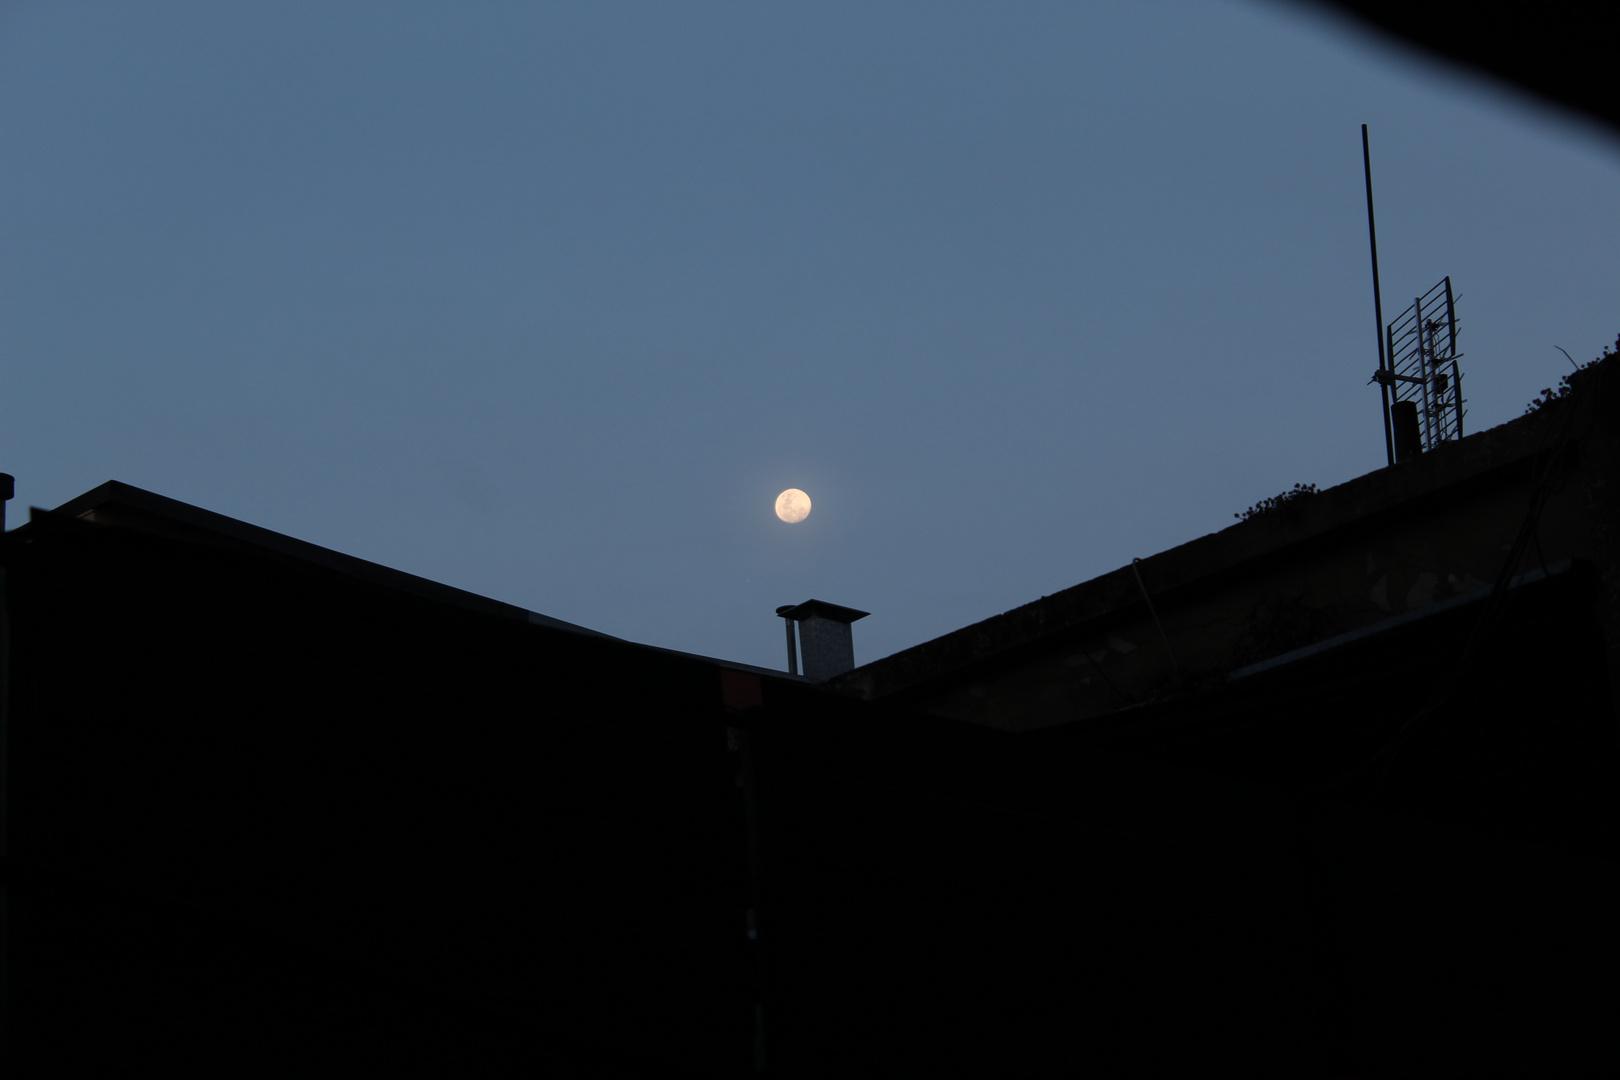 La Luna desde mi Ventana